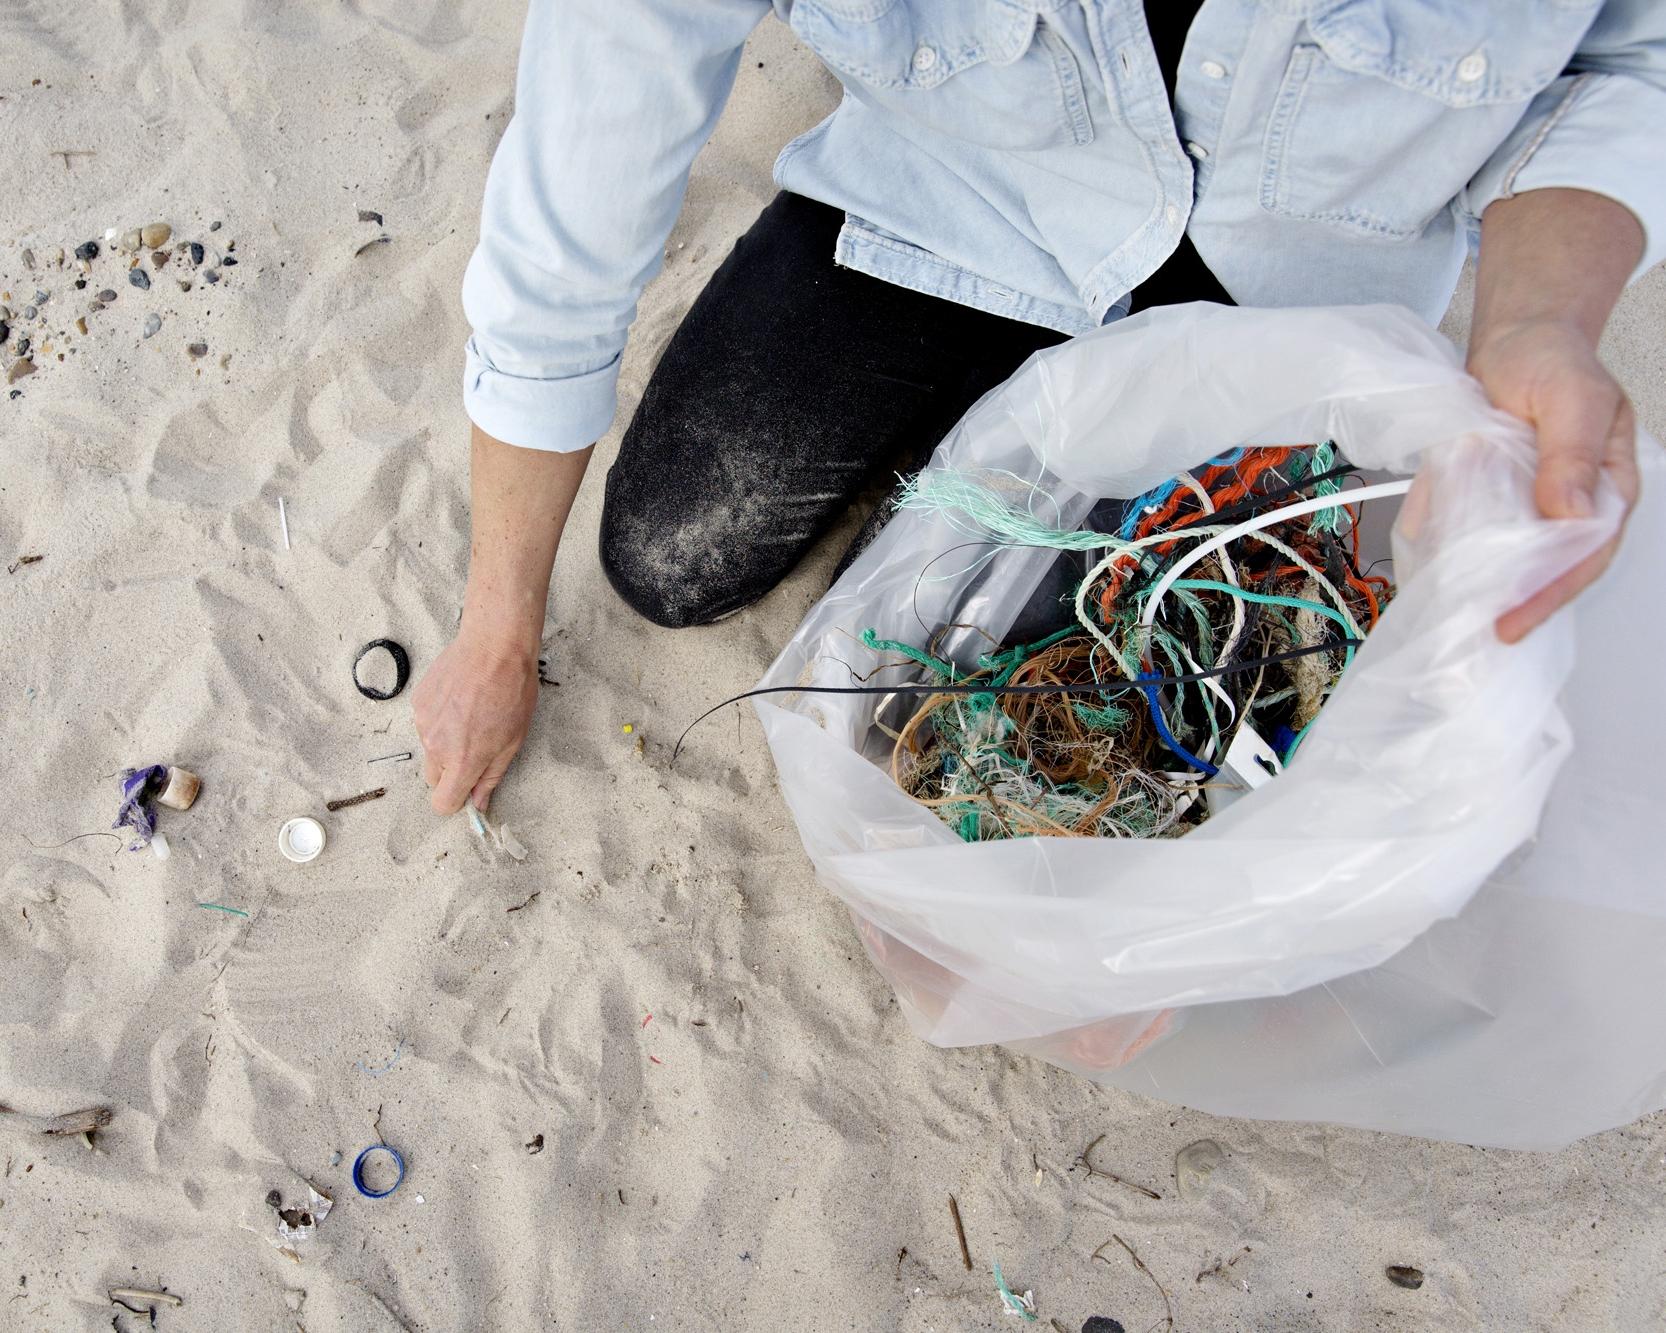 Om os - I STRANDET har vi det tilfælles, at vi elsker havet, bølgerne og naturen i Thy. Når vi går tur langs strandene eller surfer i bølgerne, ser vi bekymrende mængder af plastaffald. Derfor er det blevet vores mission at fjerne den strandede plast og forhindre, at den bliver søsat igen.Mød teamet